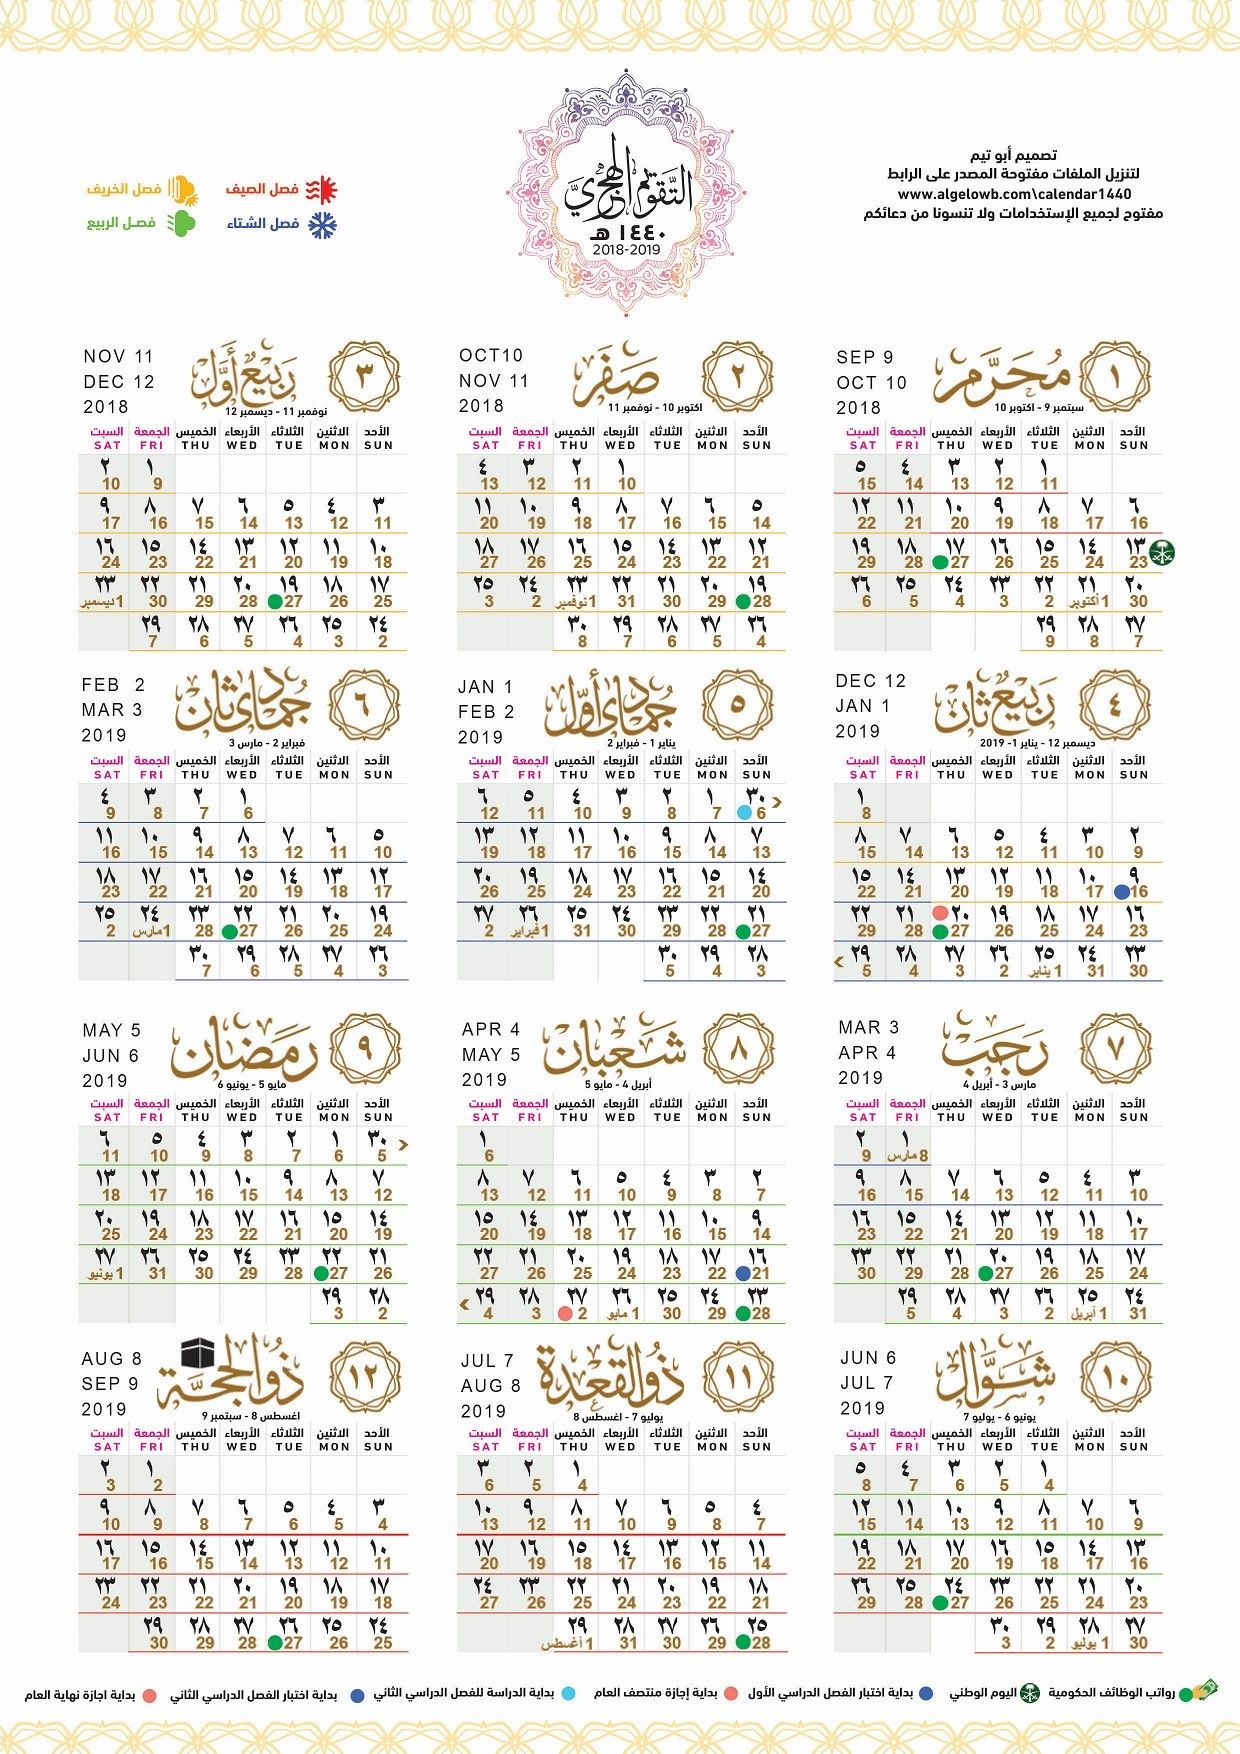 التقويم الهجرى ١٤٤٠ Islamic Calendar Hijri Calendar Calendar